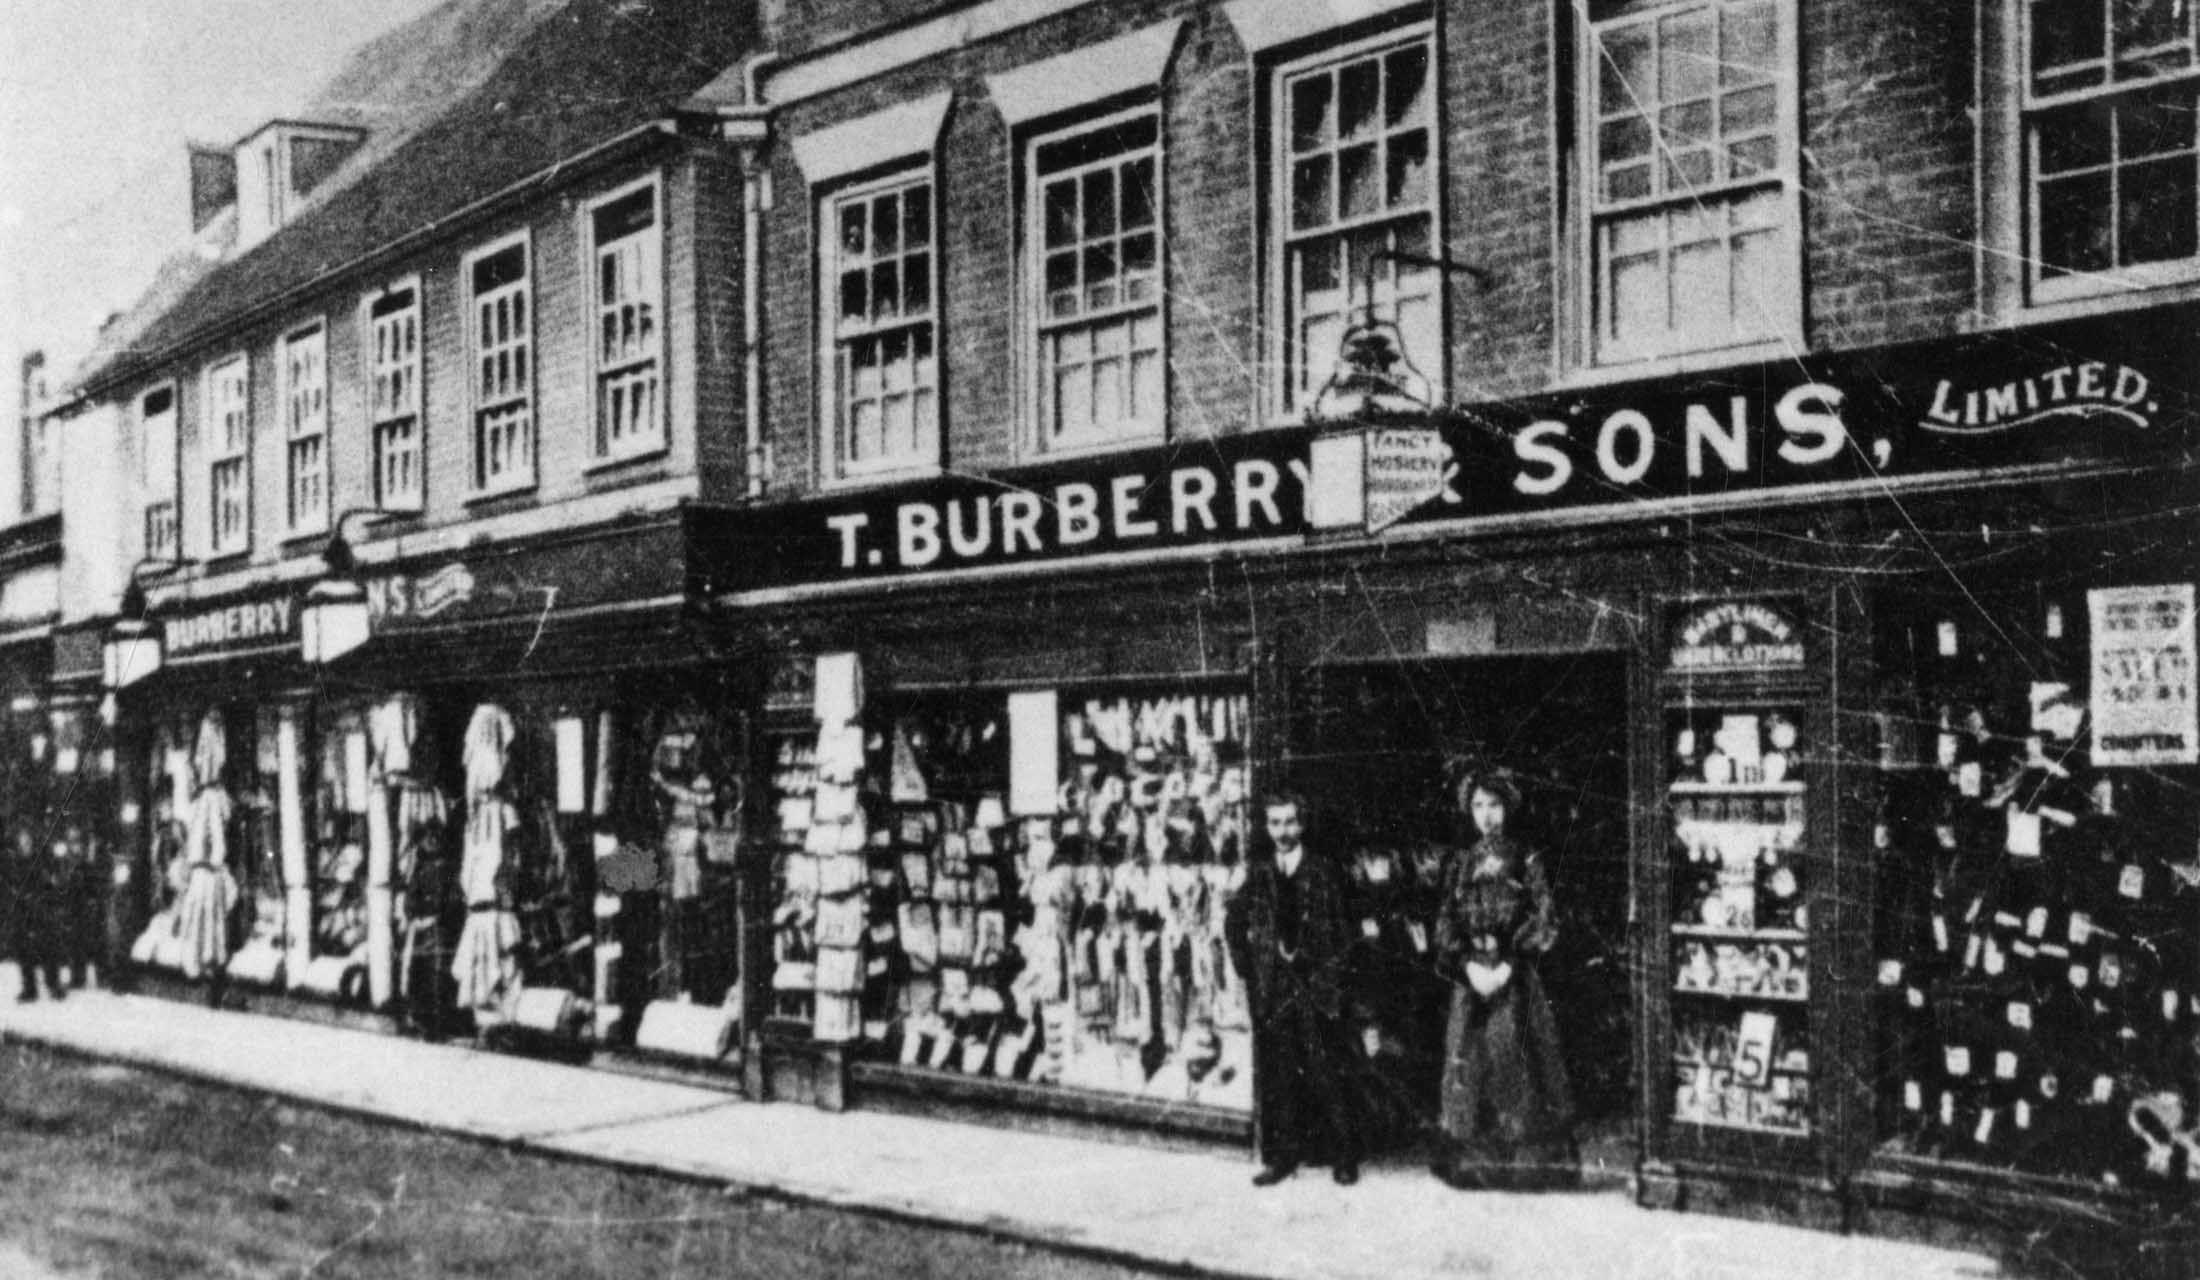 1865年に、イギリスのベイジングストークにオープンしたバーバリー1号店